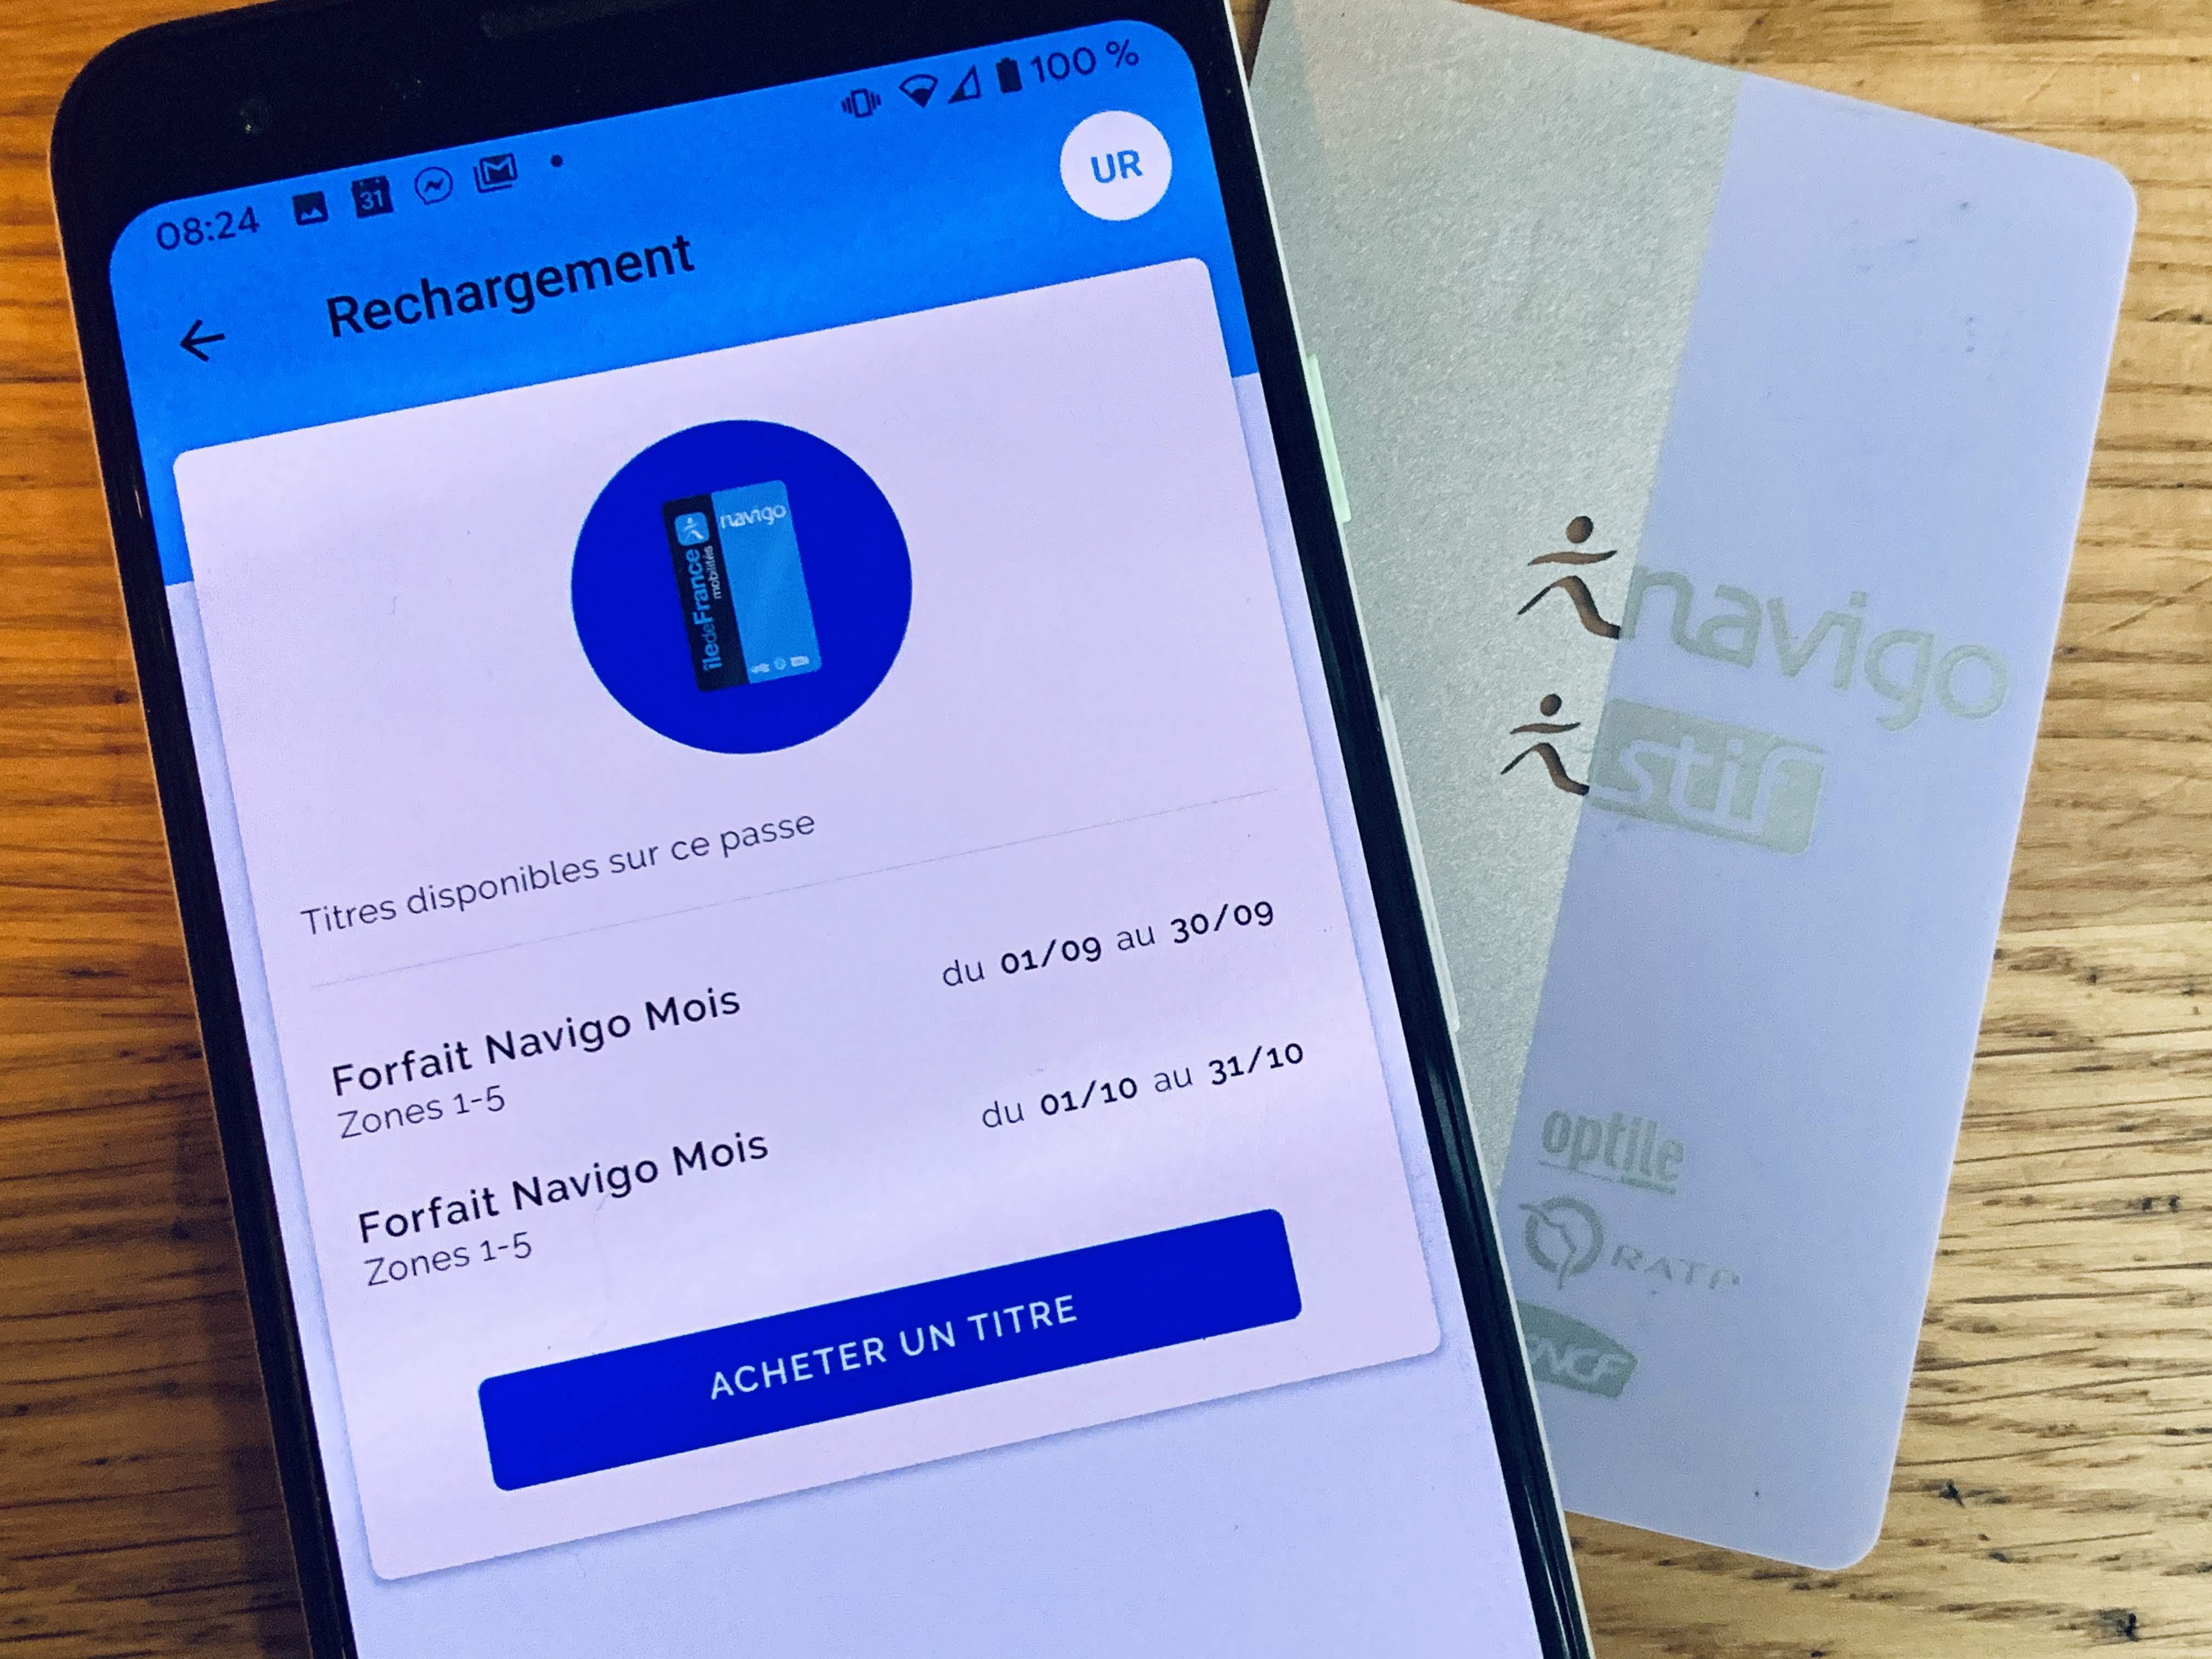 Comment Recharger Son Passe Navigo Depuis Son Smartphone